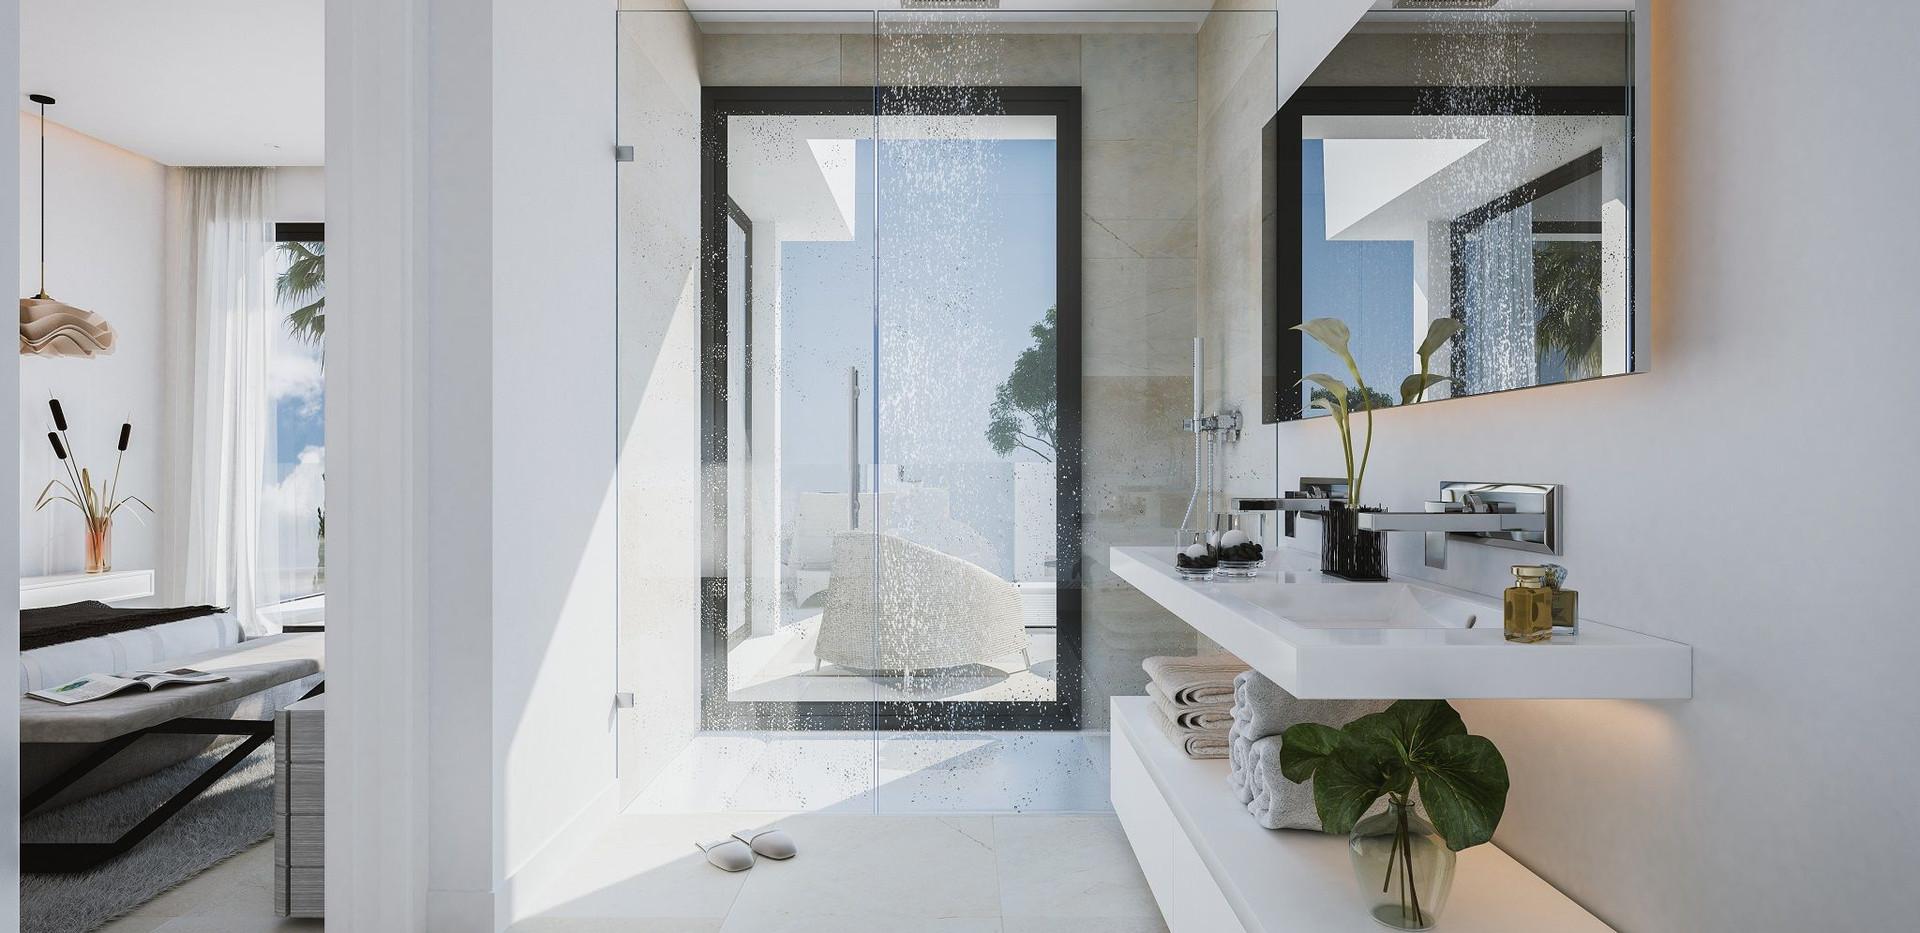 CaboRoyale-Bathroom-Type-A-1.jpg